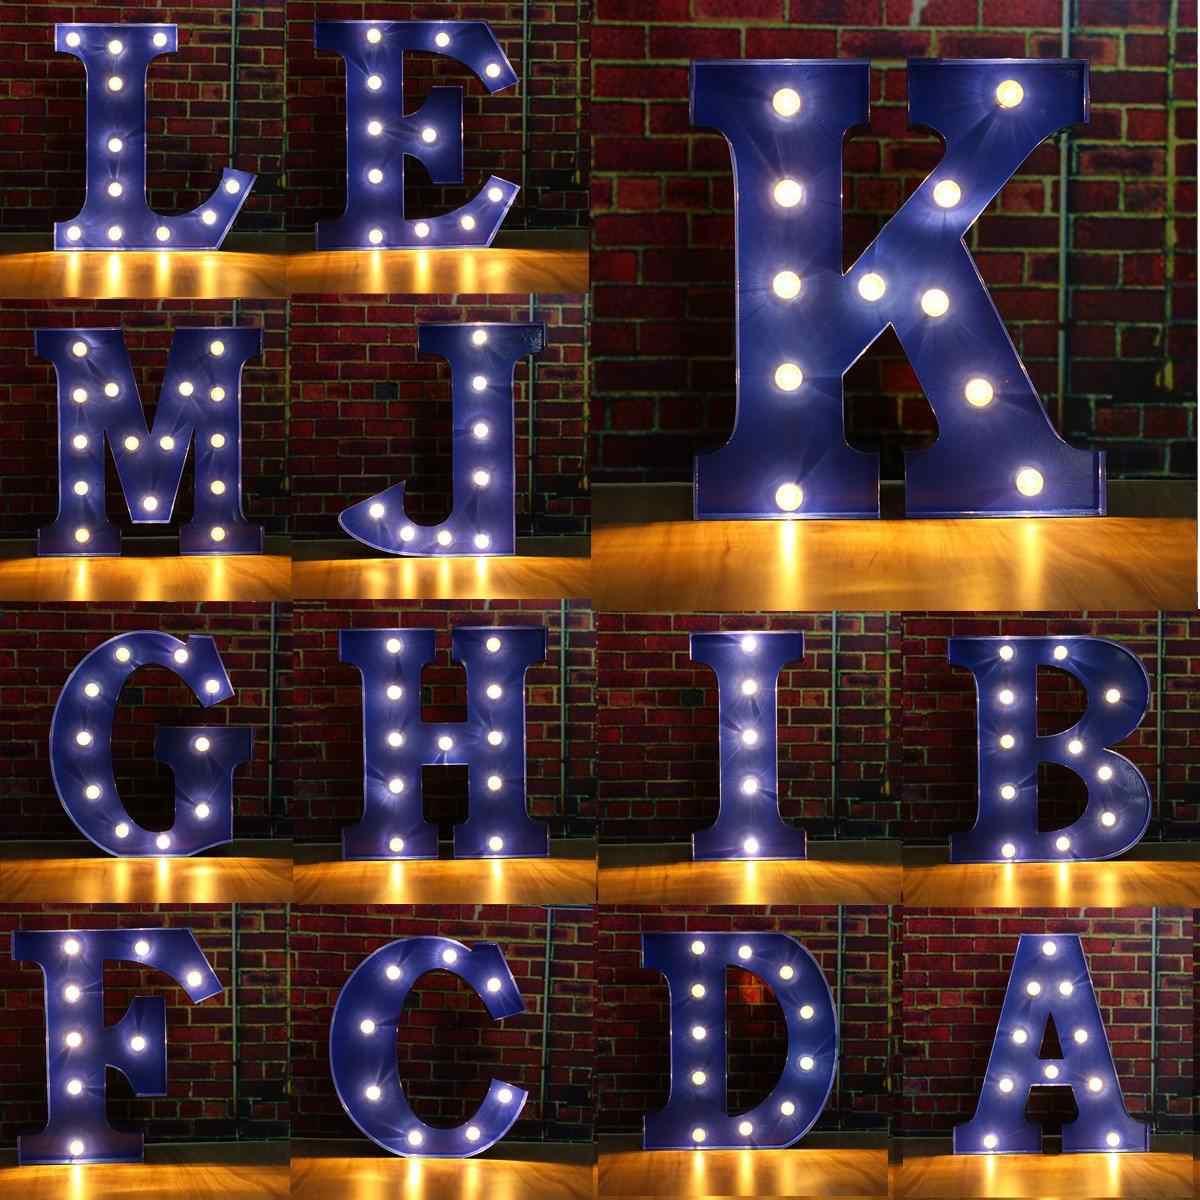 Настенный светильник светодиодный ночник дети шатер письмо огни Винтаж светящийся алфавит до для рождественской вечеринки батарея работает